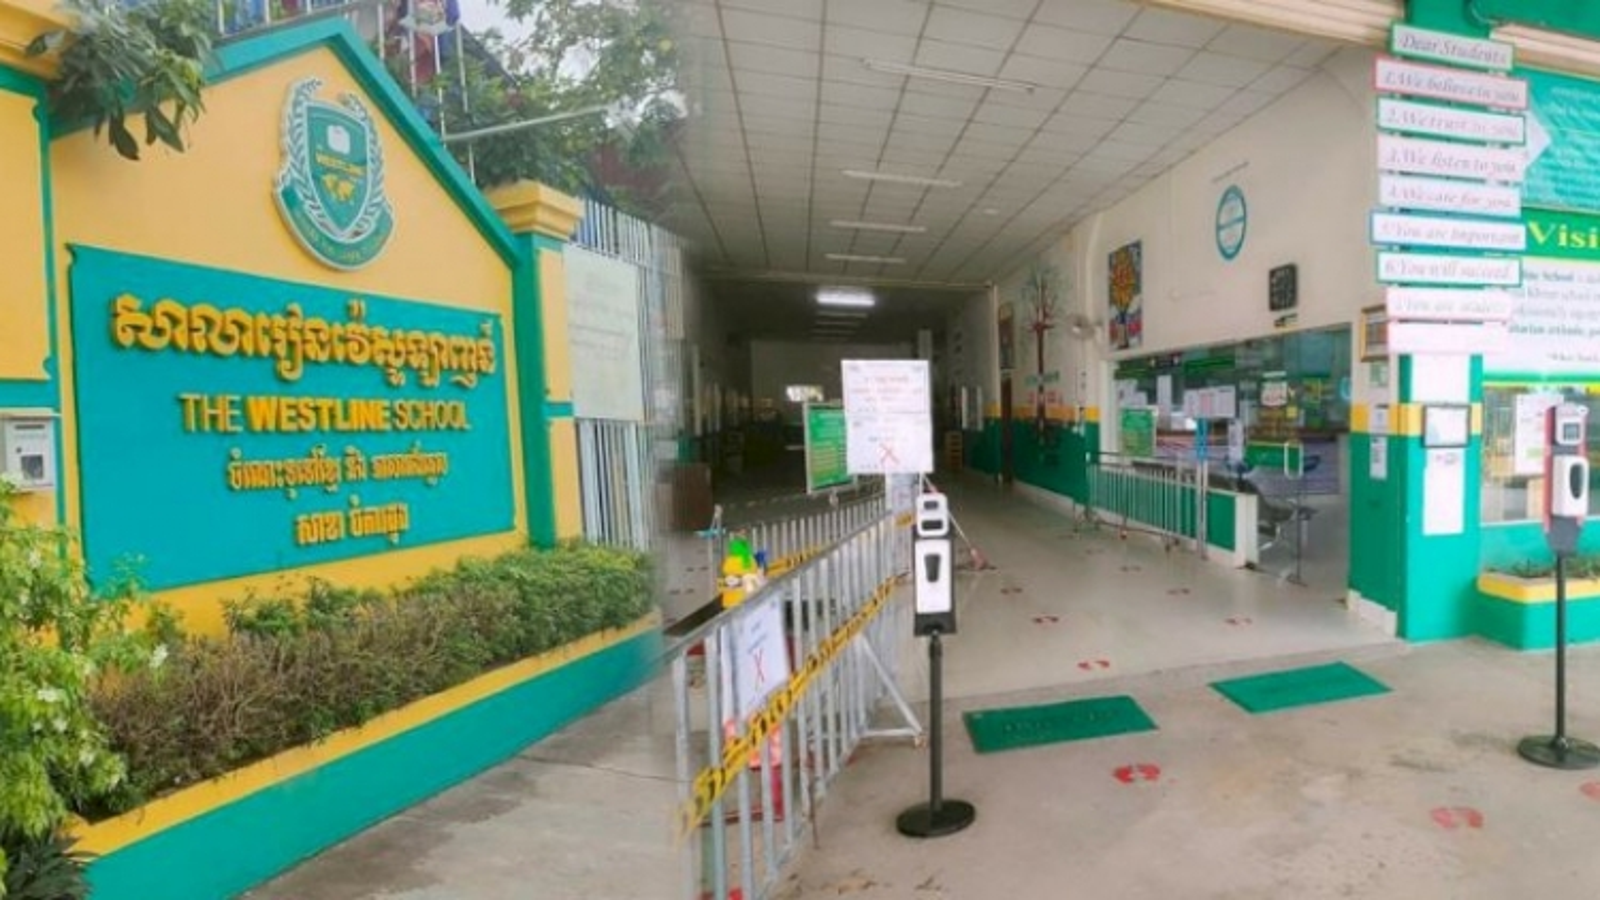 Một số trường học tại Phnom Penh (Campuchia) đóng cửa khẩn cấp sau 2 ngày mở lại